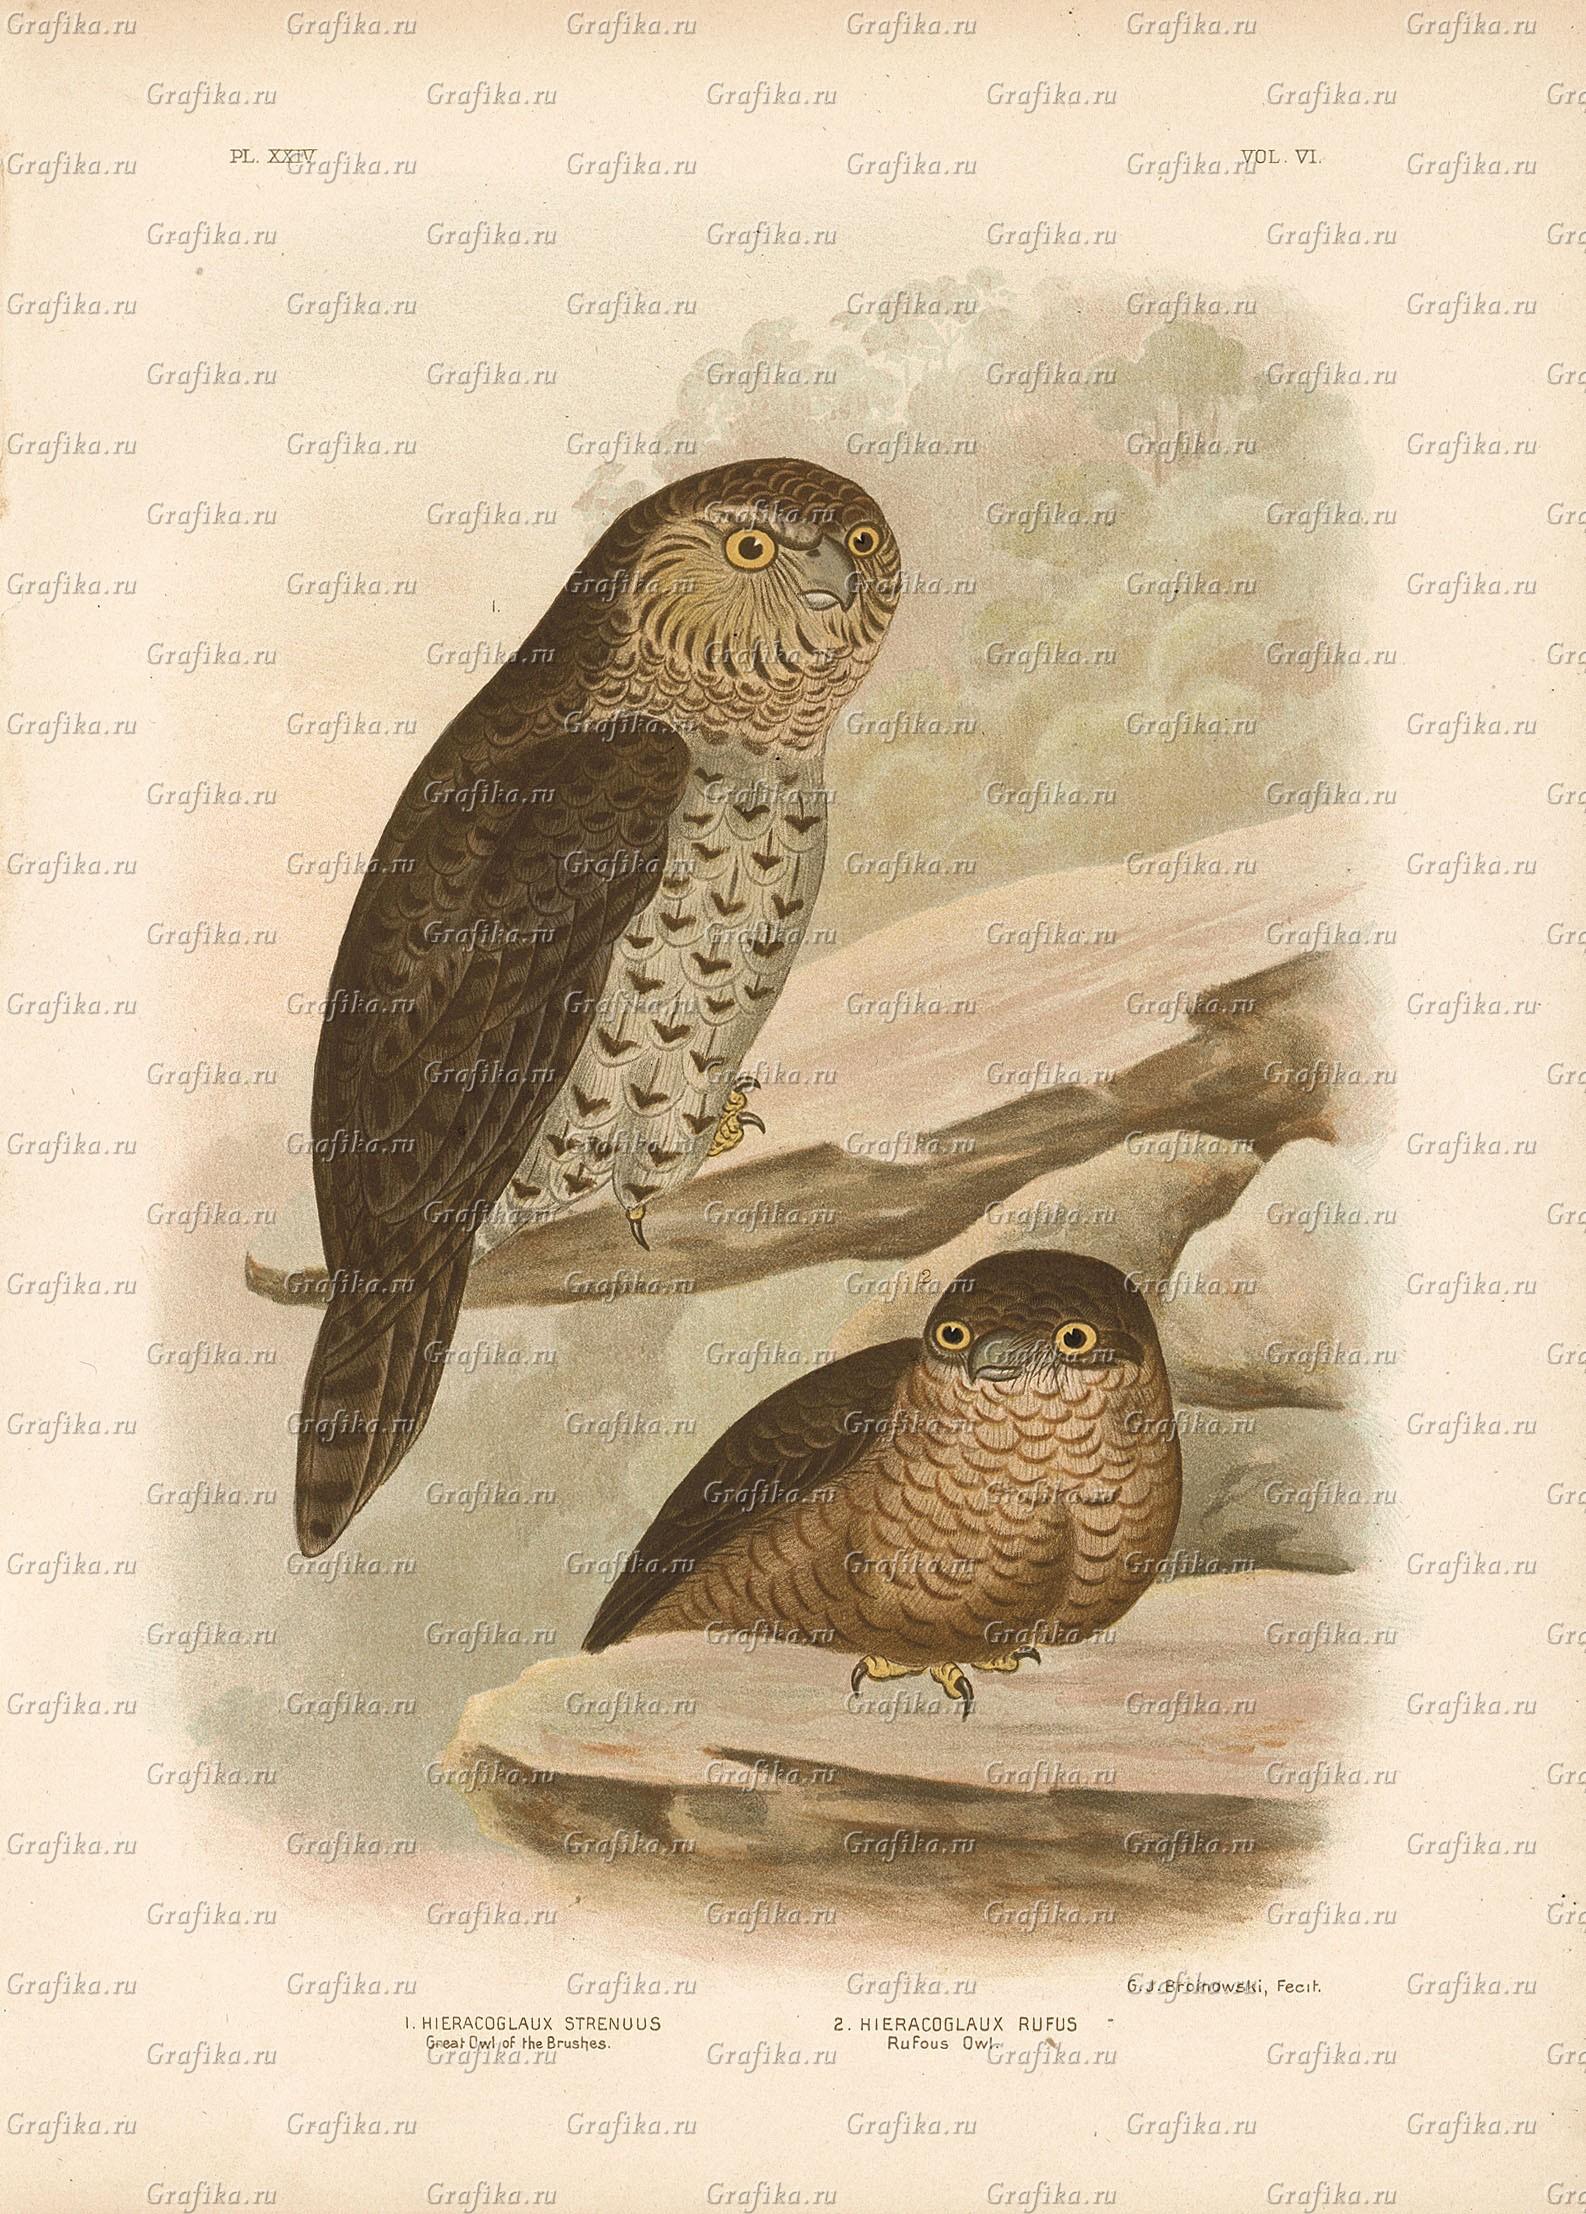 Кукушечья иглоногая сова